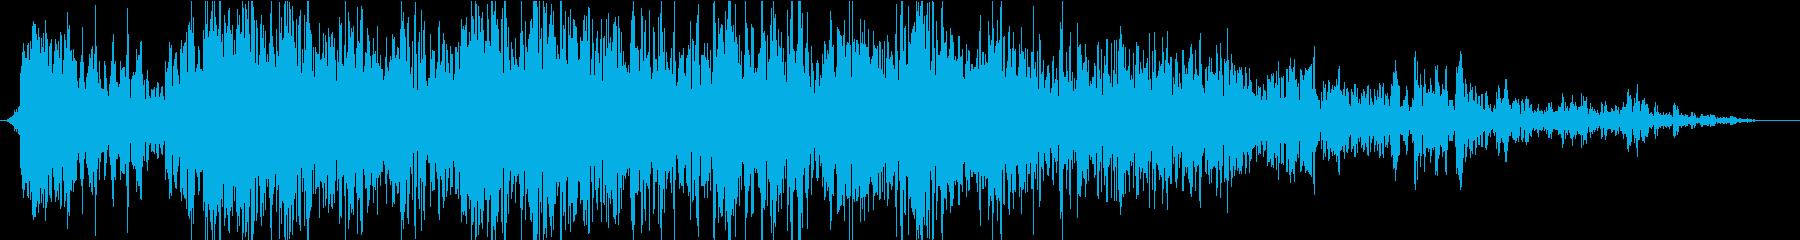 雷08の再生済みの波形